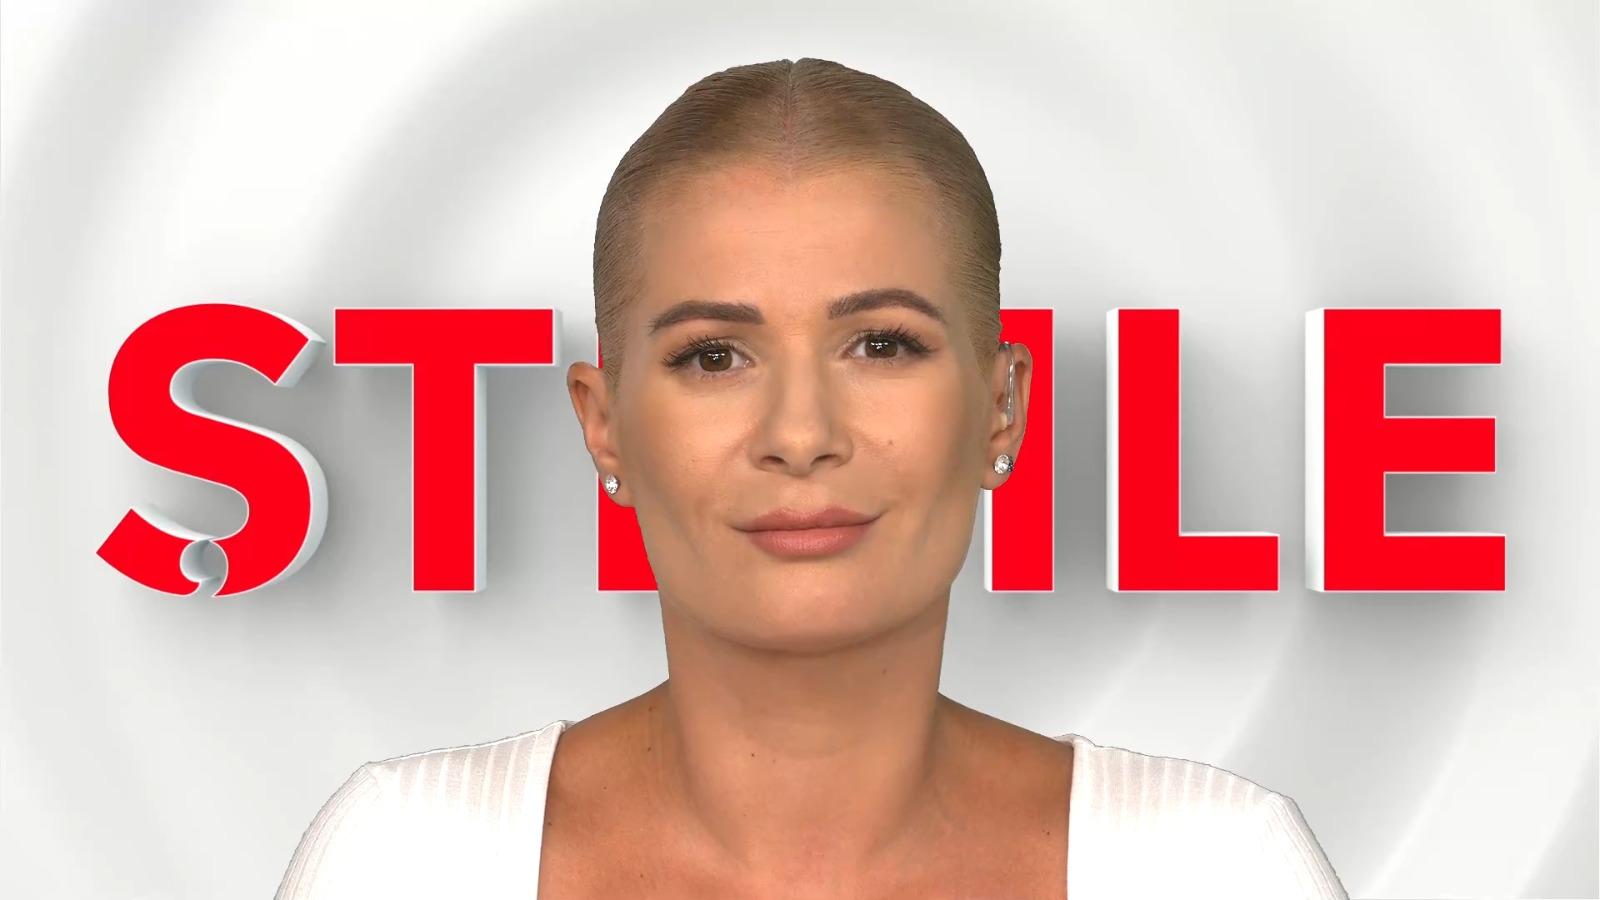 Știrile de la ora 16:00, prezentate de Monica Mihai, 20 iulie 2021